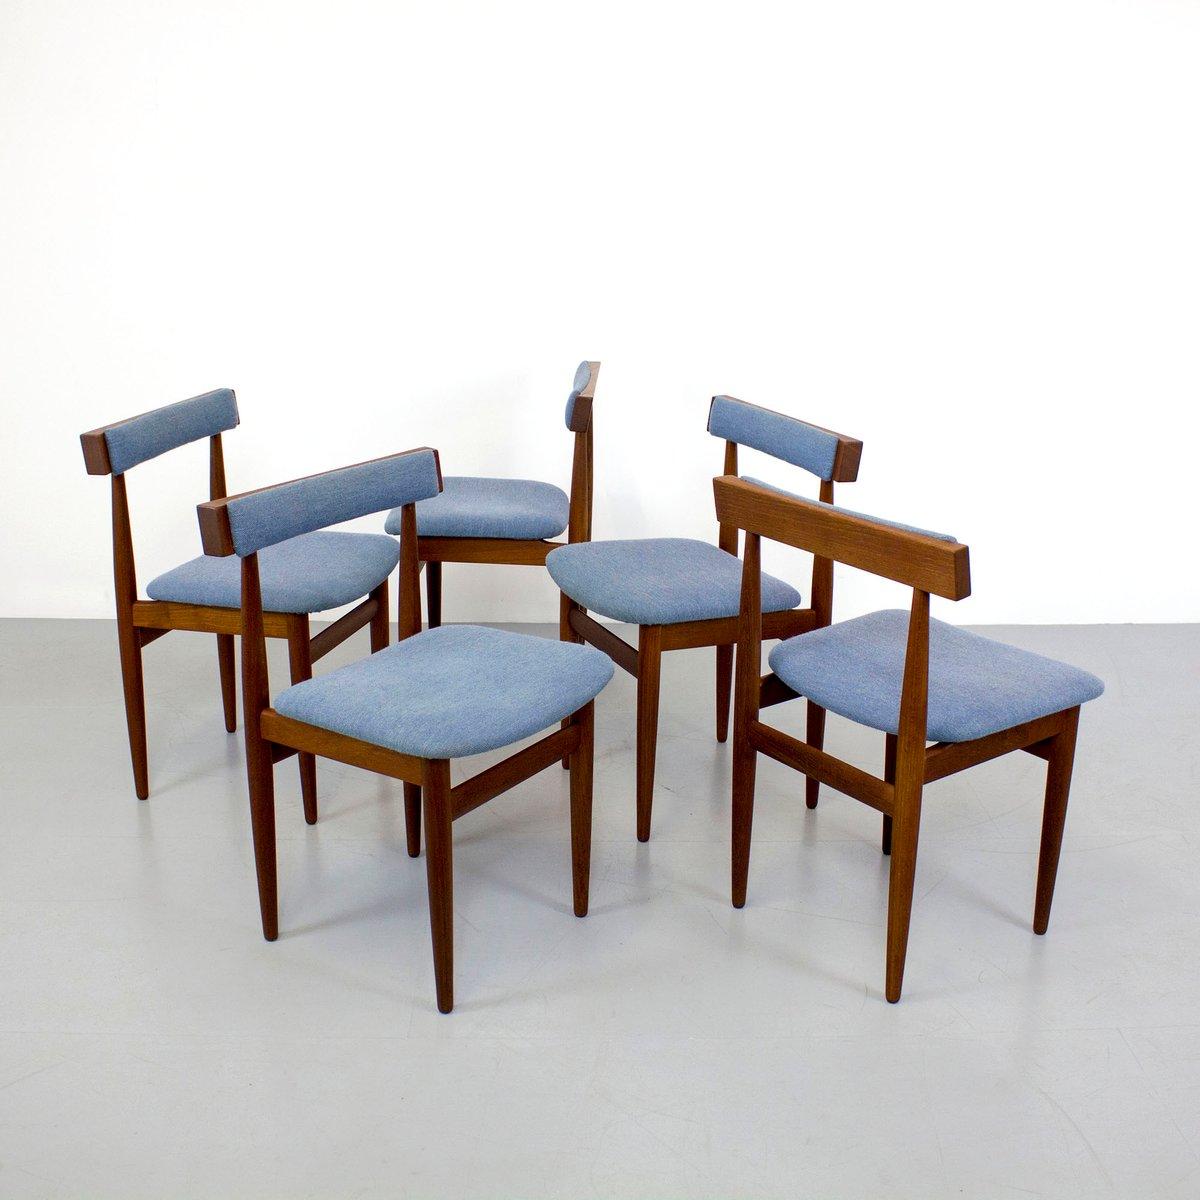 d nische vintage teak st hle von hans olsen f r frem r jle 5er set bei pamono kaufen. Black Bedroom Furniture Sets. Home Design Ideas